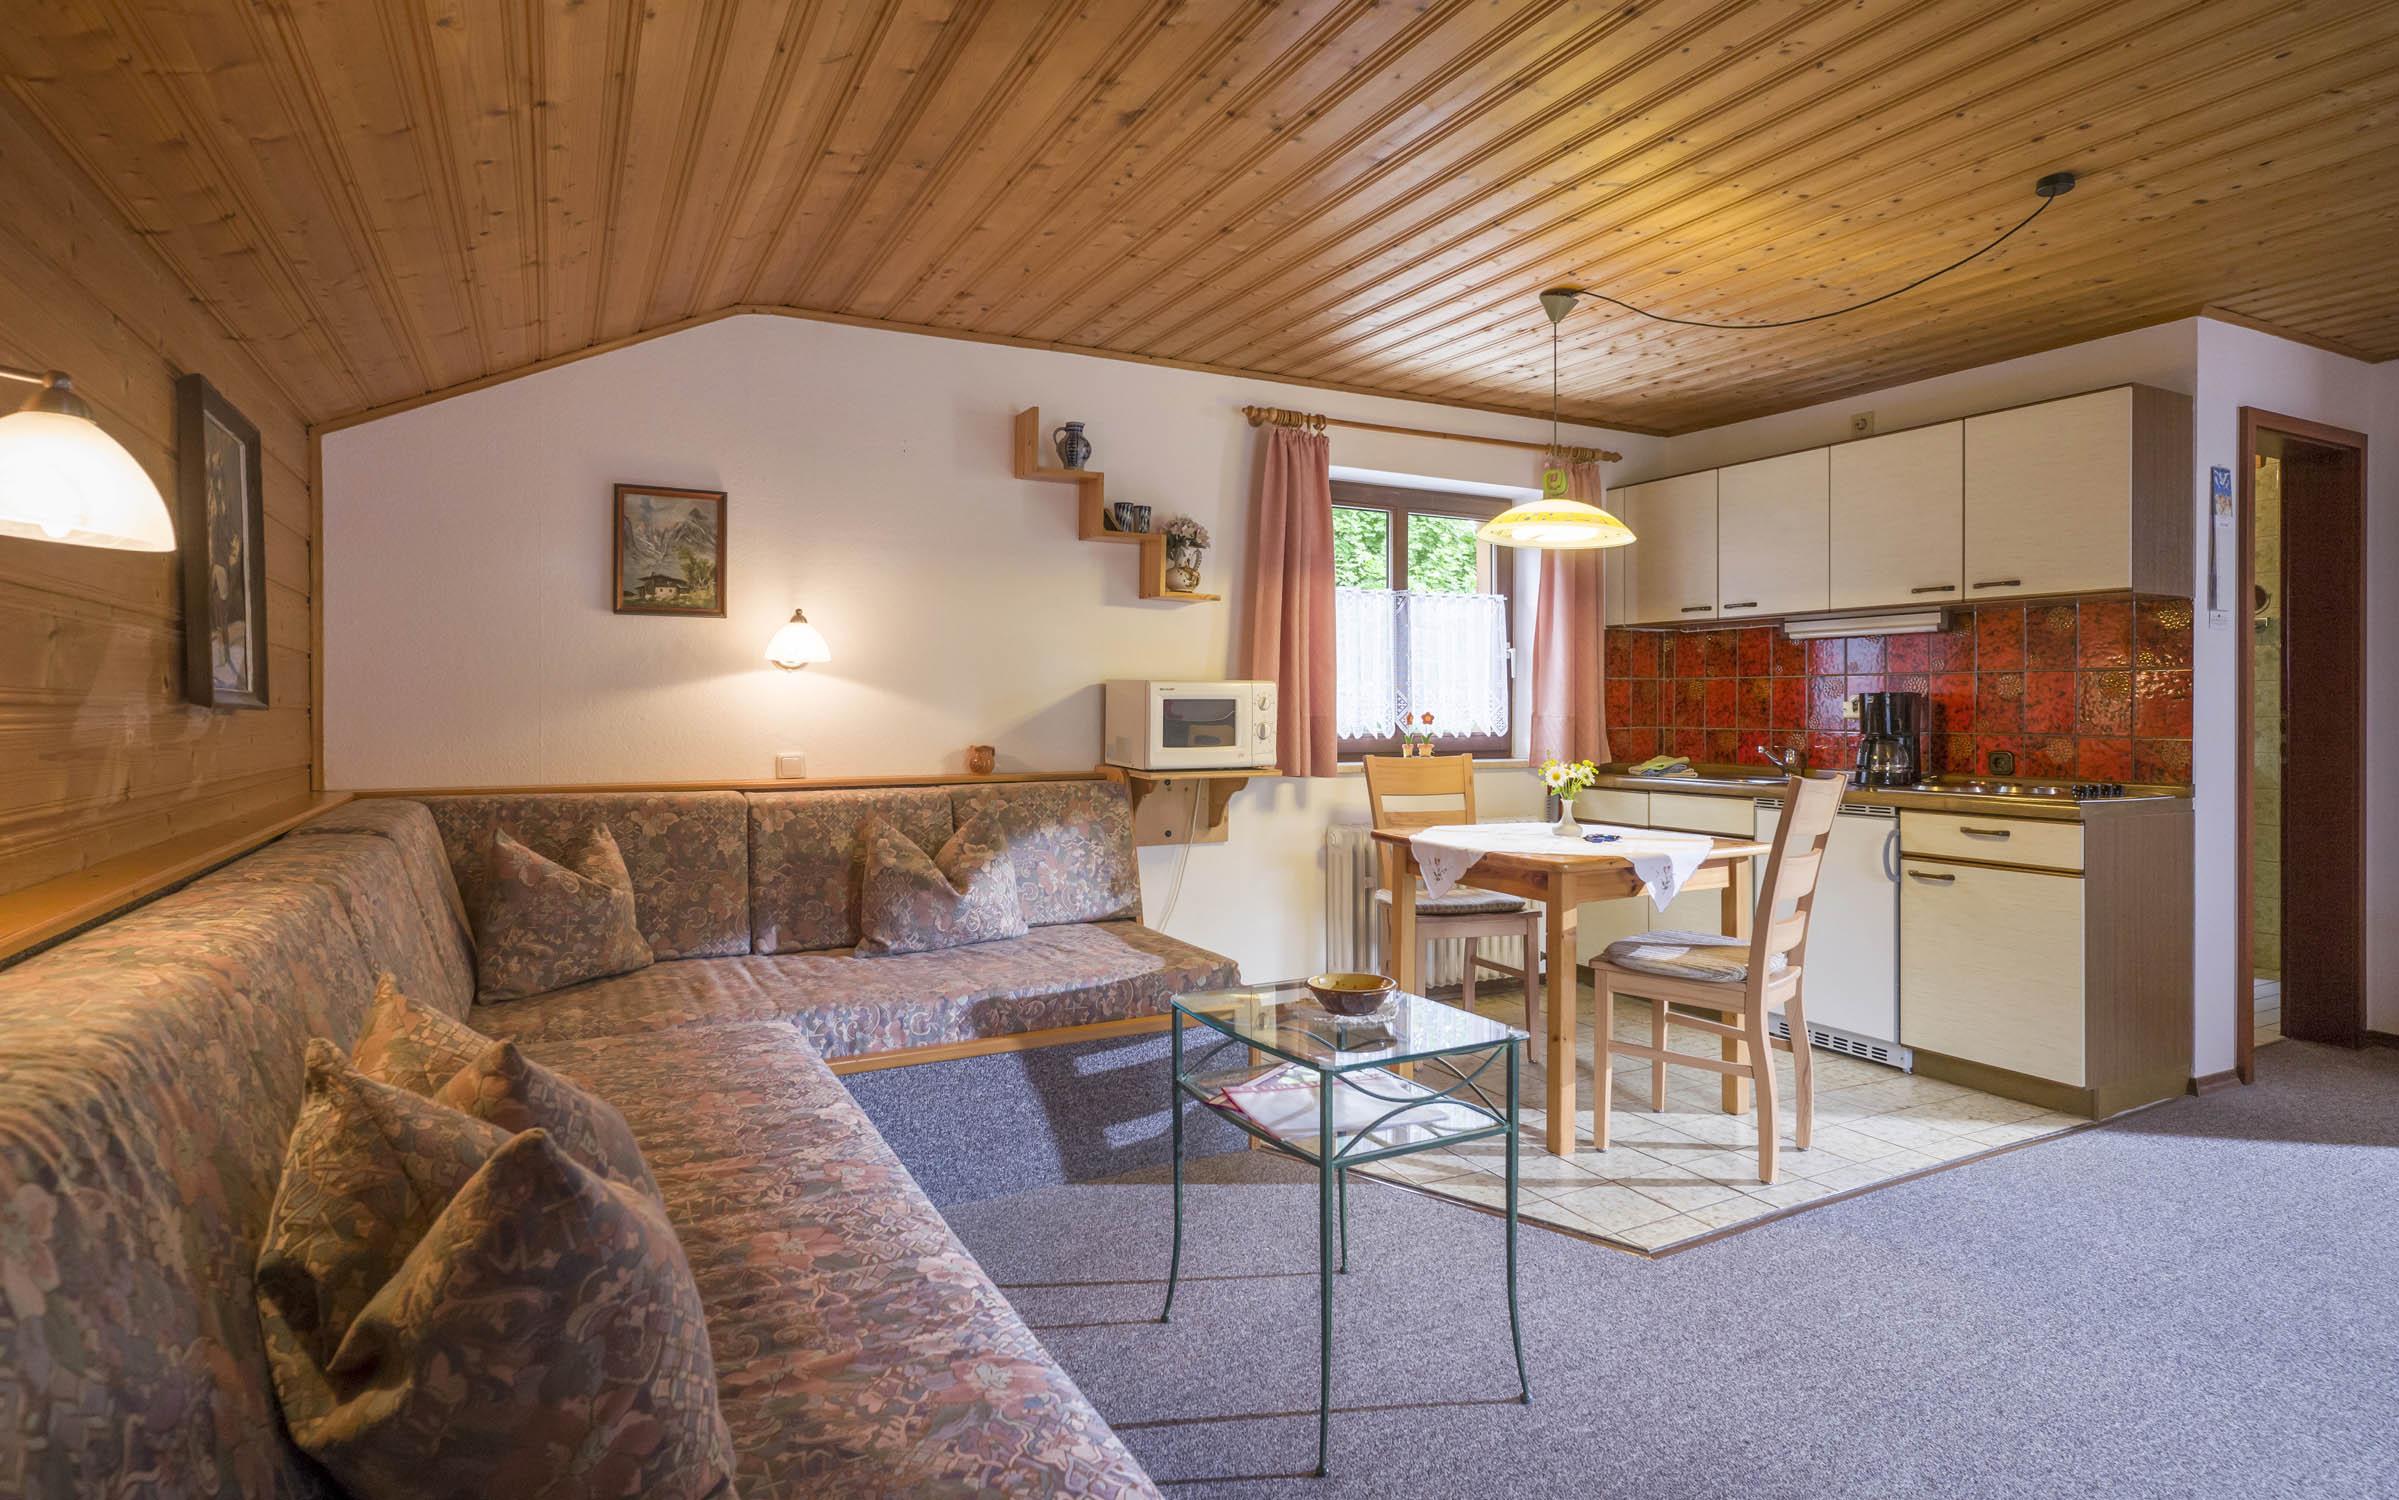 Ferienwohnung Haus Enzian (DE Oberaudorf). 1-Zimmer Ferienwohnung 35qm (709911), Oberaudorf, Chiemgau, Bayern, Deutschland, Bild 8